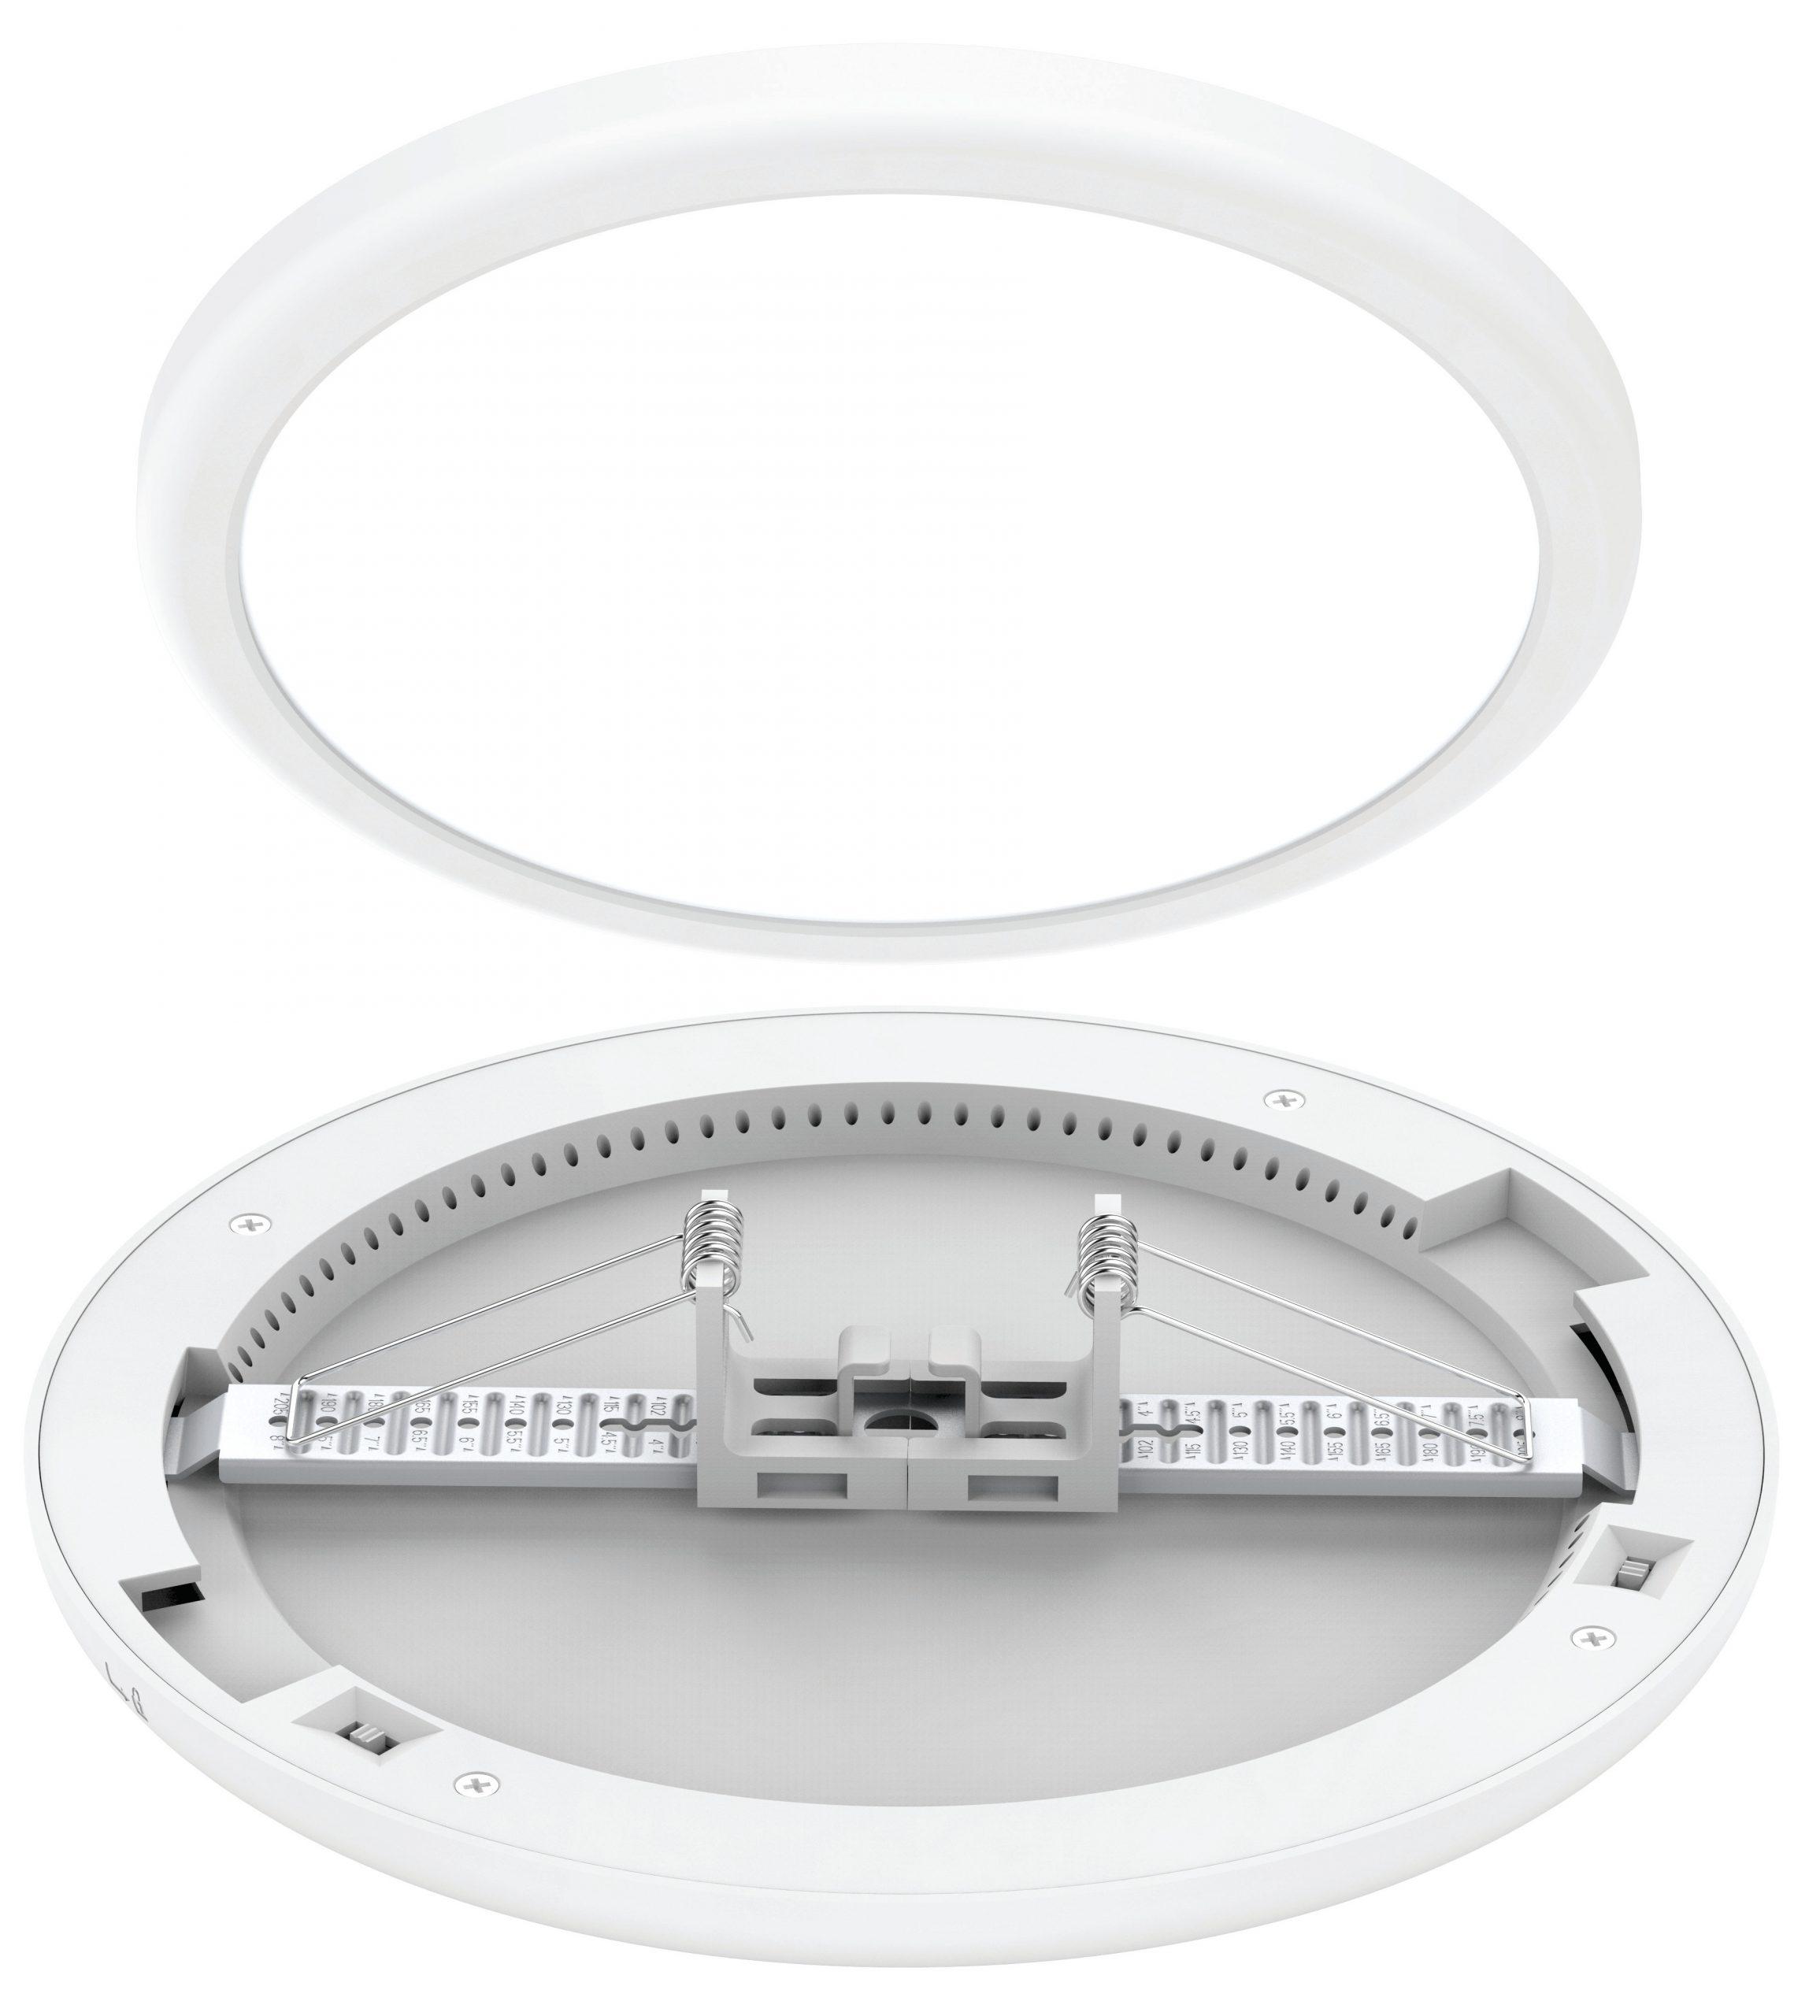 All-in-One LED Downlight-Panel - Eine Leuchte die vielfältig einsetzbar ist